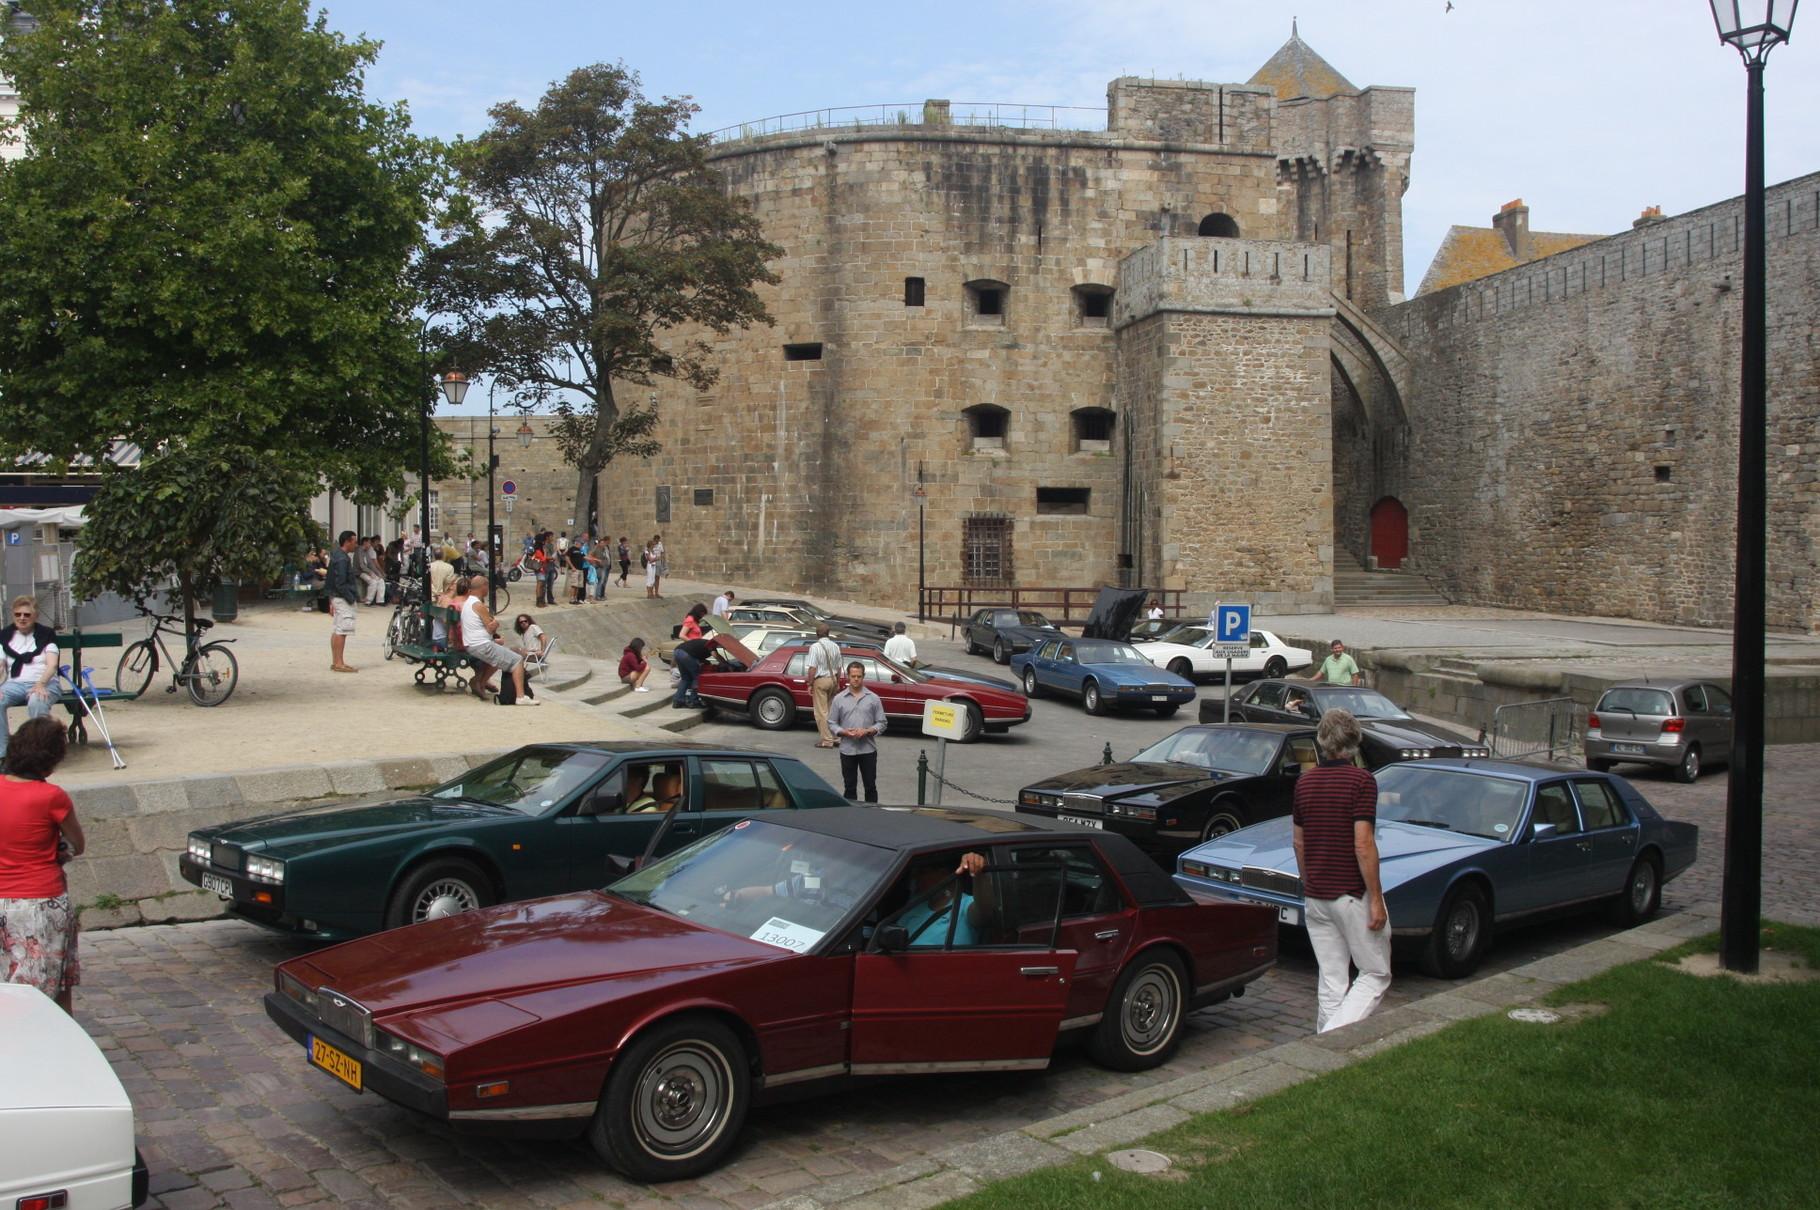 2011 LagondaFest in France